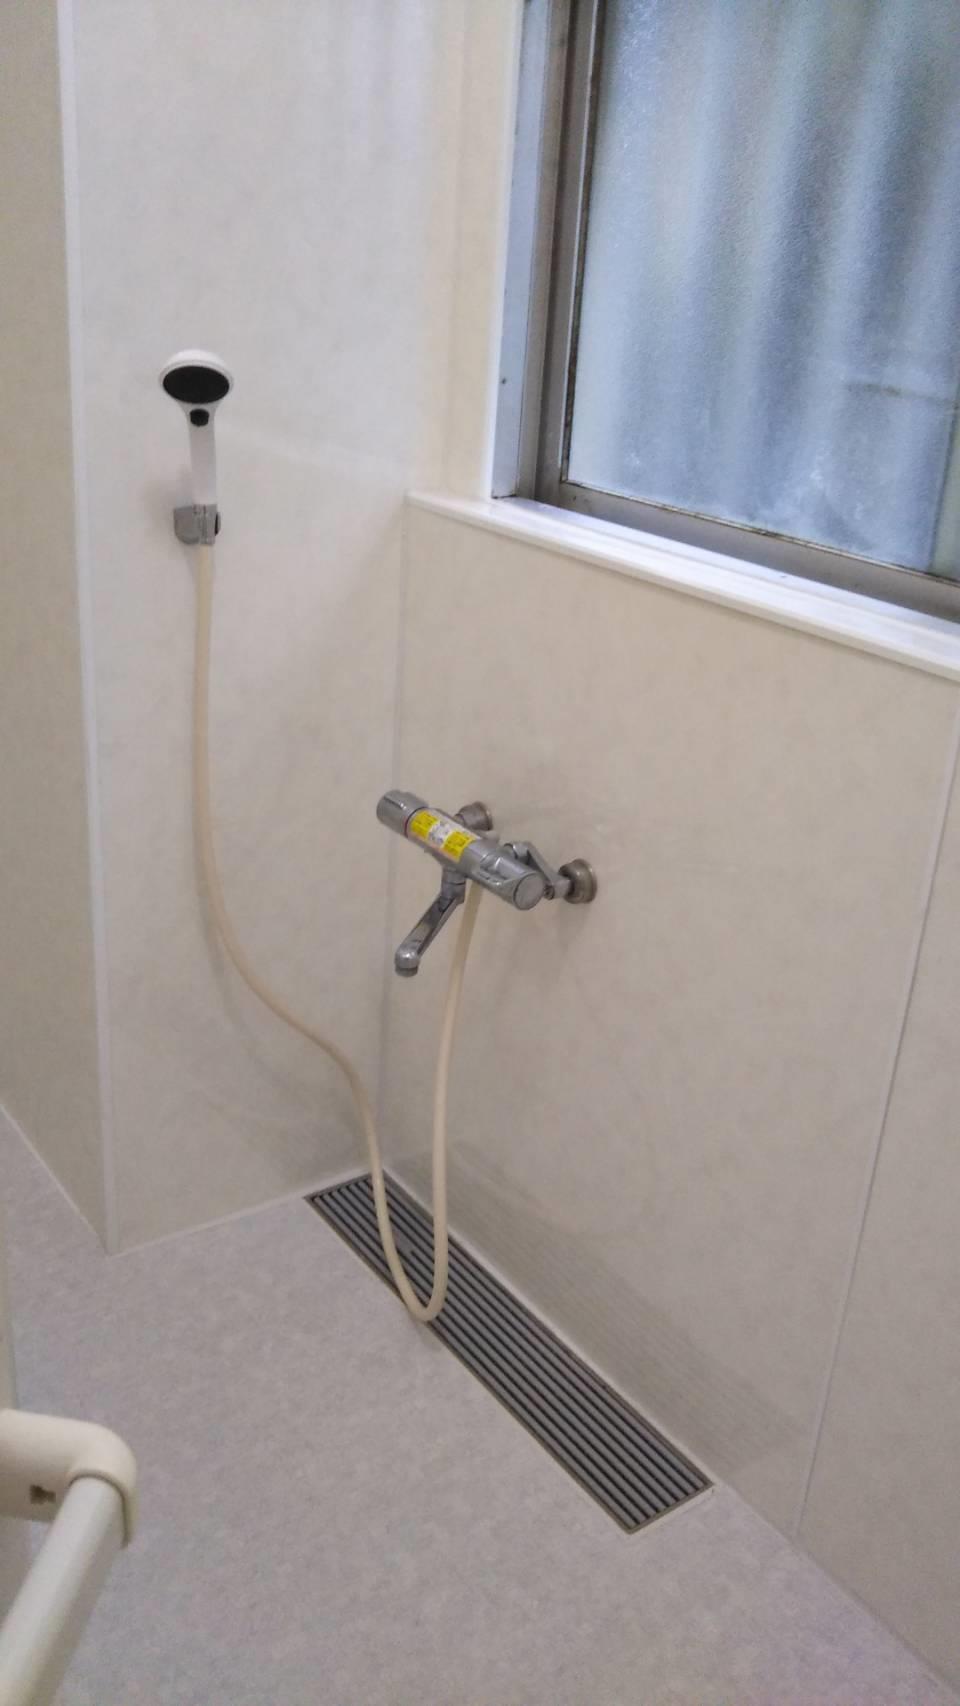 浴槽を撤去し、シャワー室へ(リフォーム施工事例)を公開しました。   沖縄や那覇でリフォームするなら【株式会社 あうん工房】